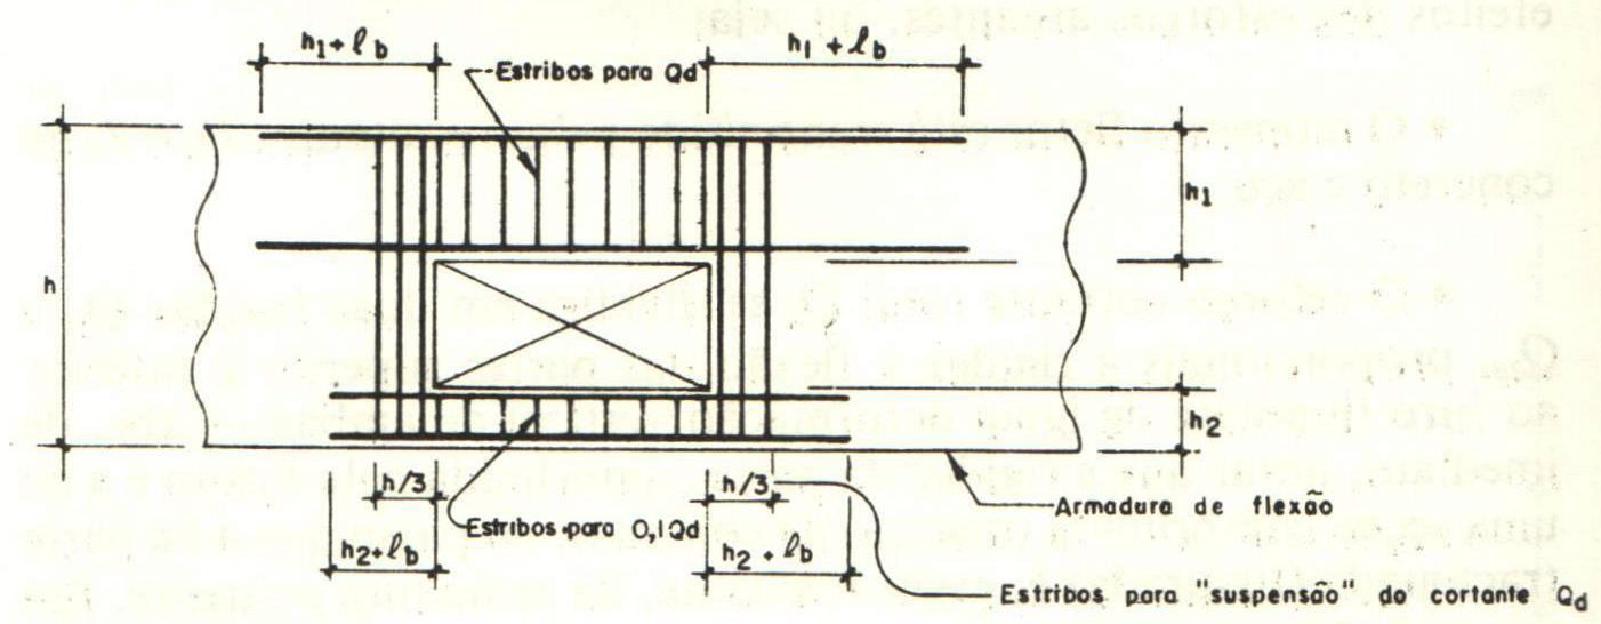 vigas-com-furos-projeto-estrutural-detalhamento-armadura